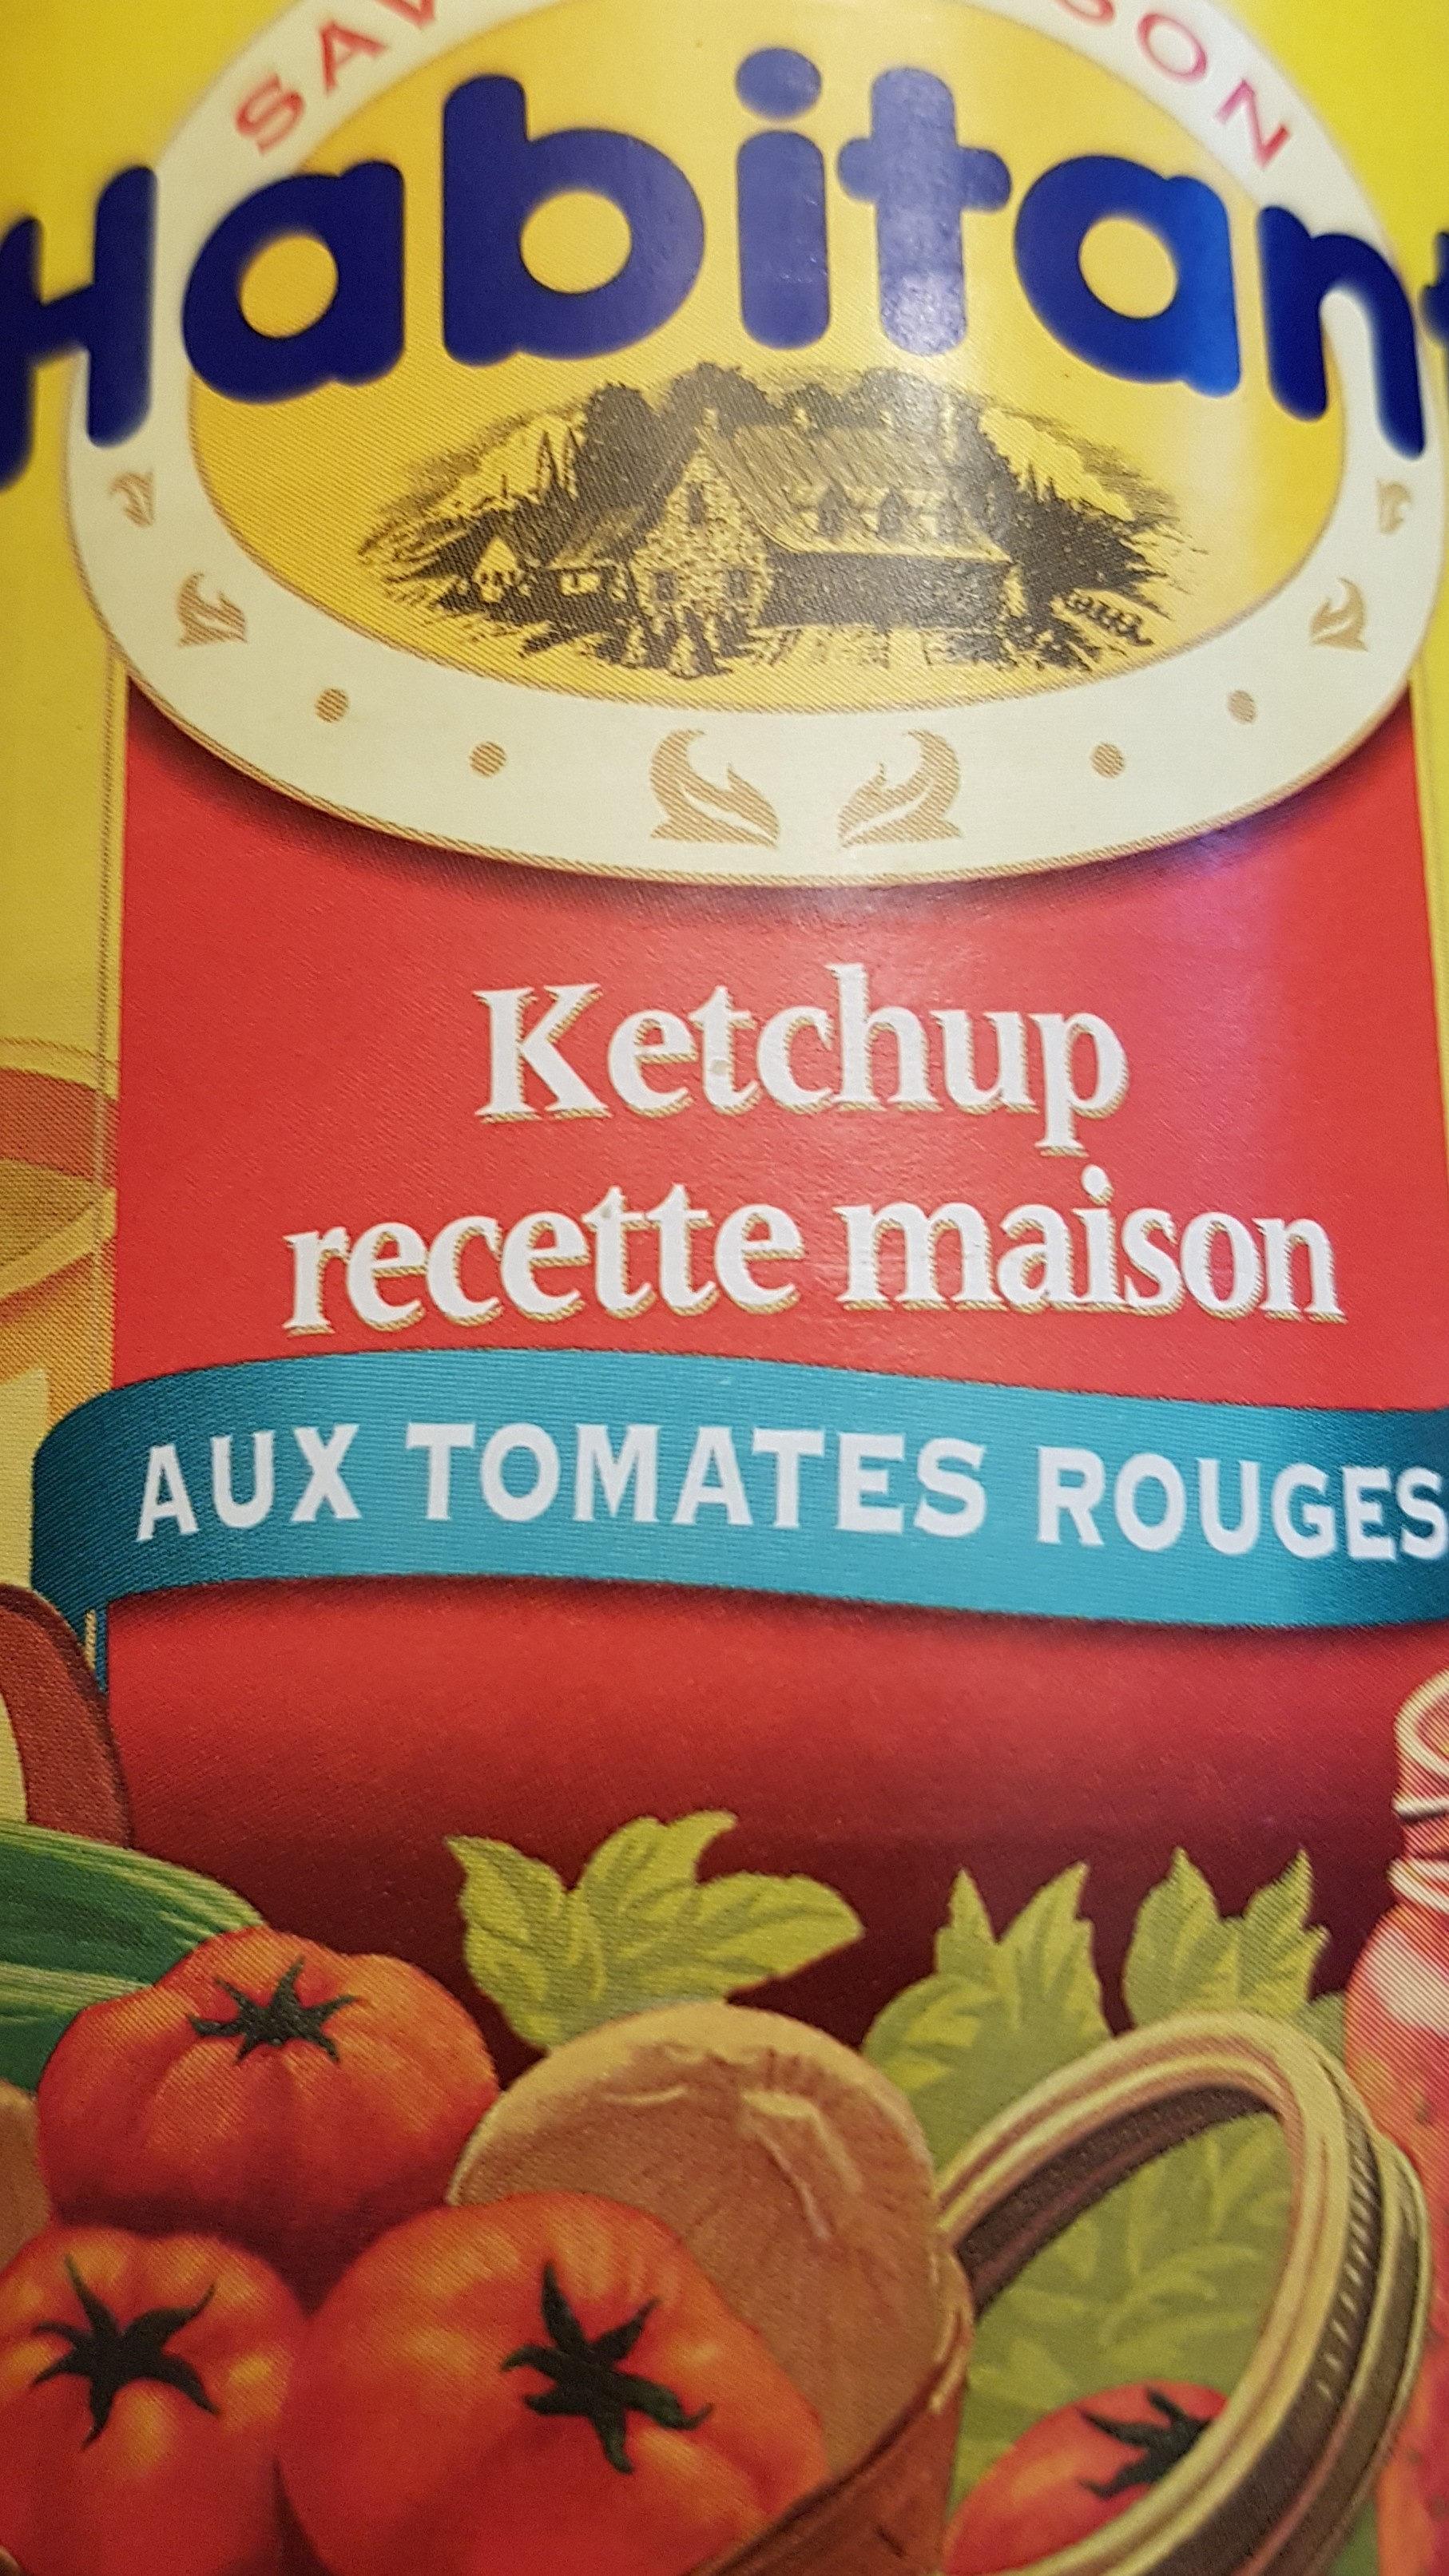 ketchup maison - Produit - fr